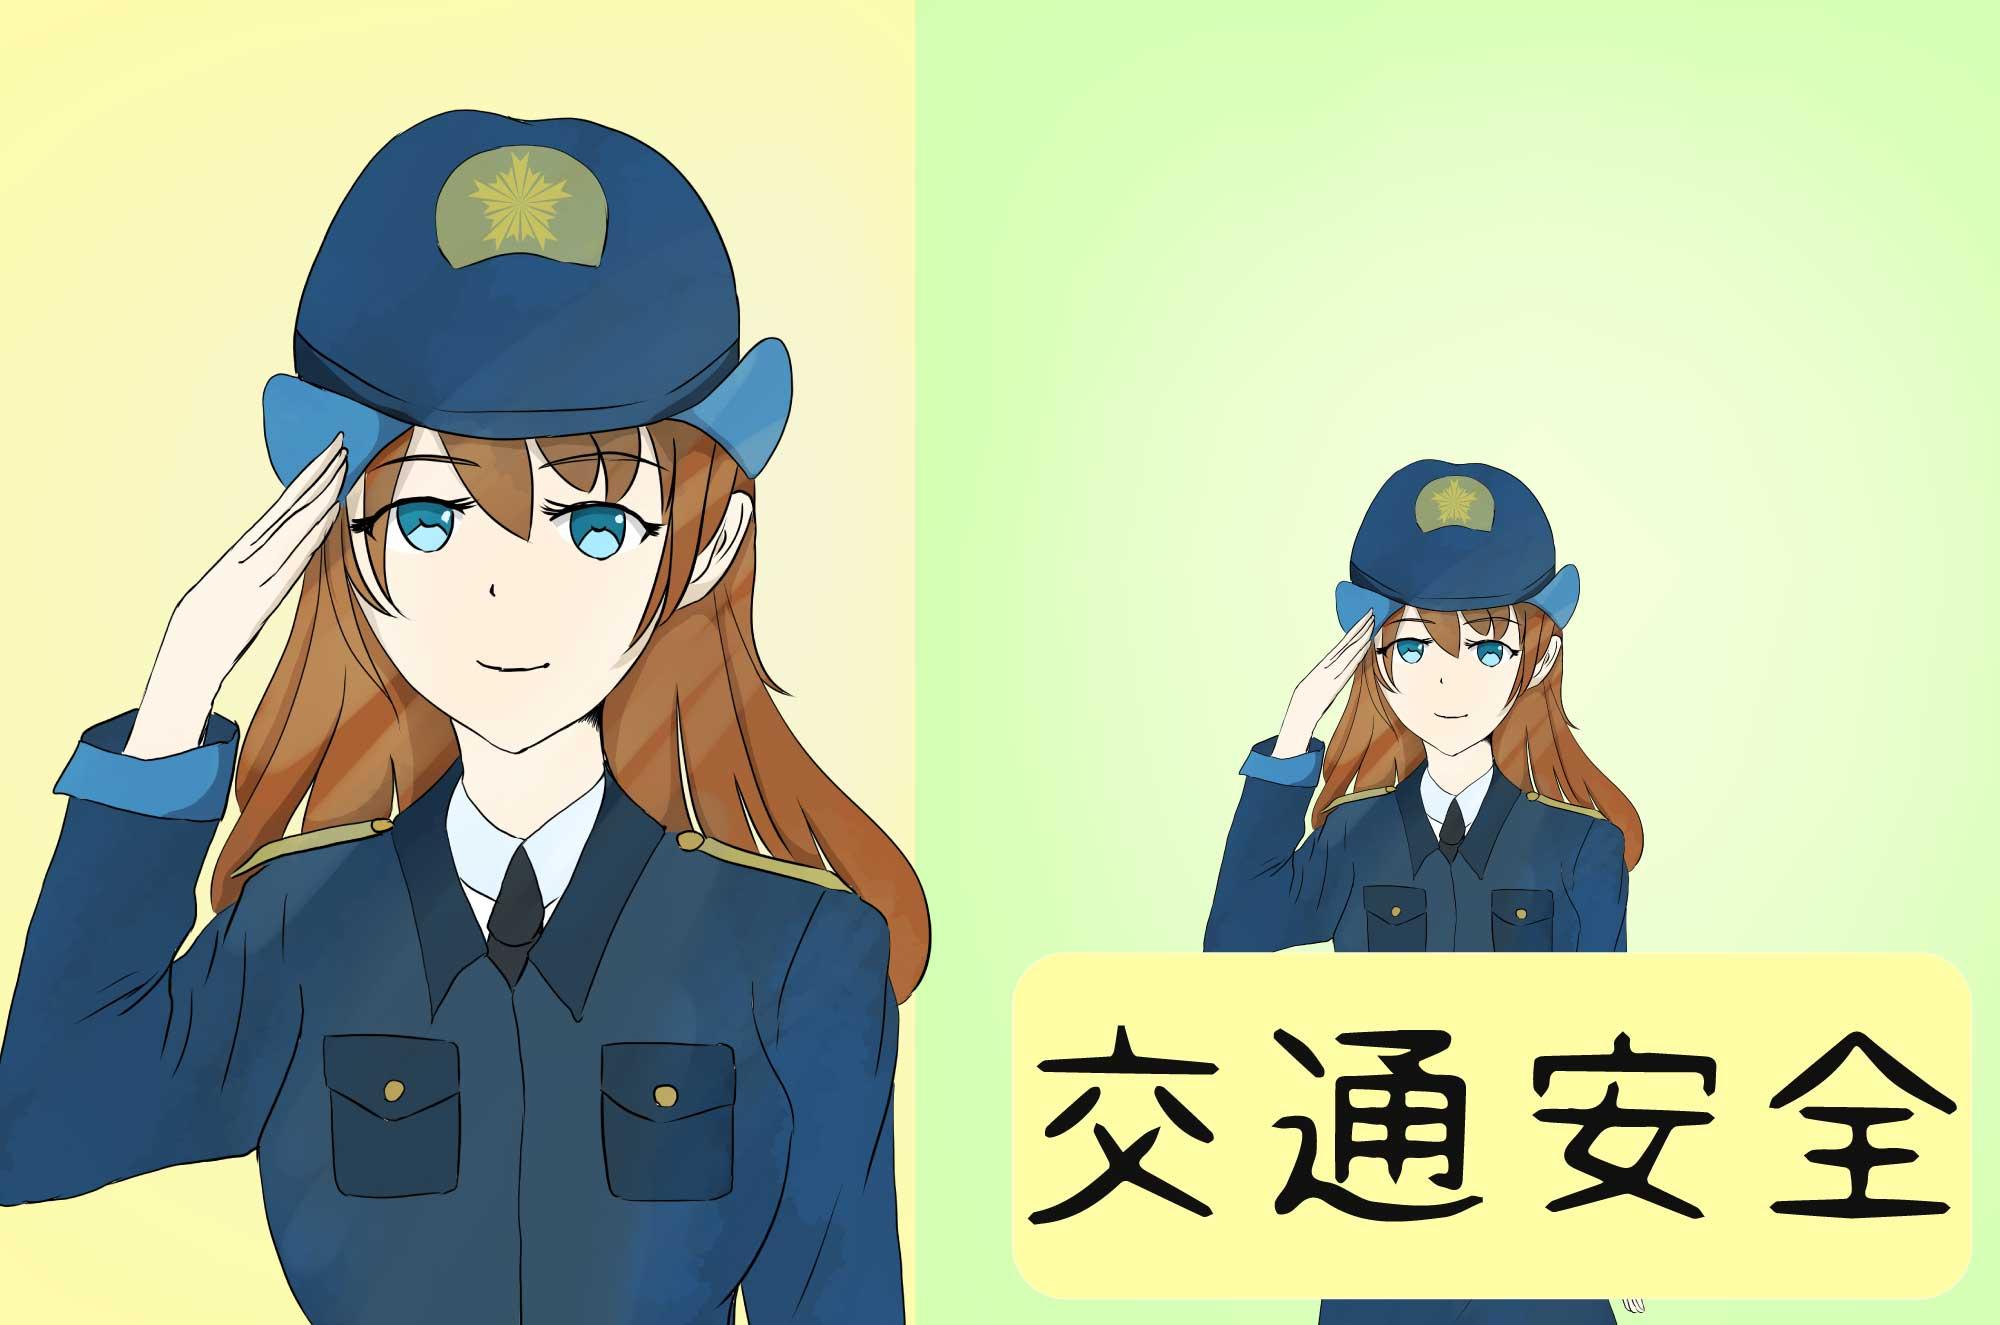 警察官の無料イラスト - 婦警さんと安全バナーの素材